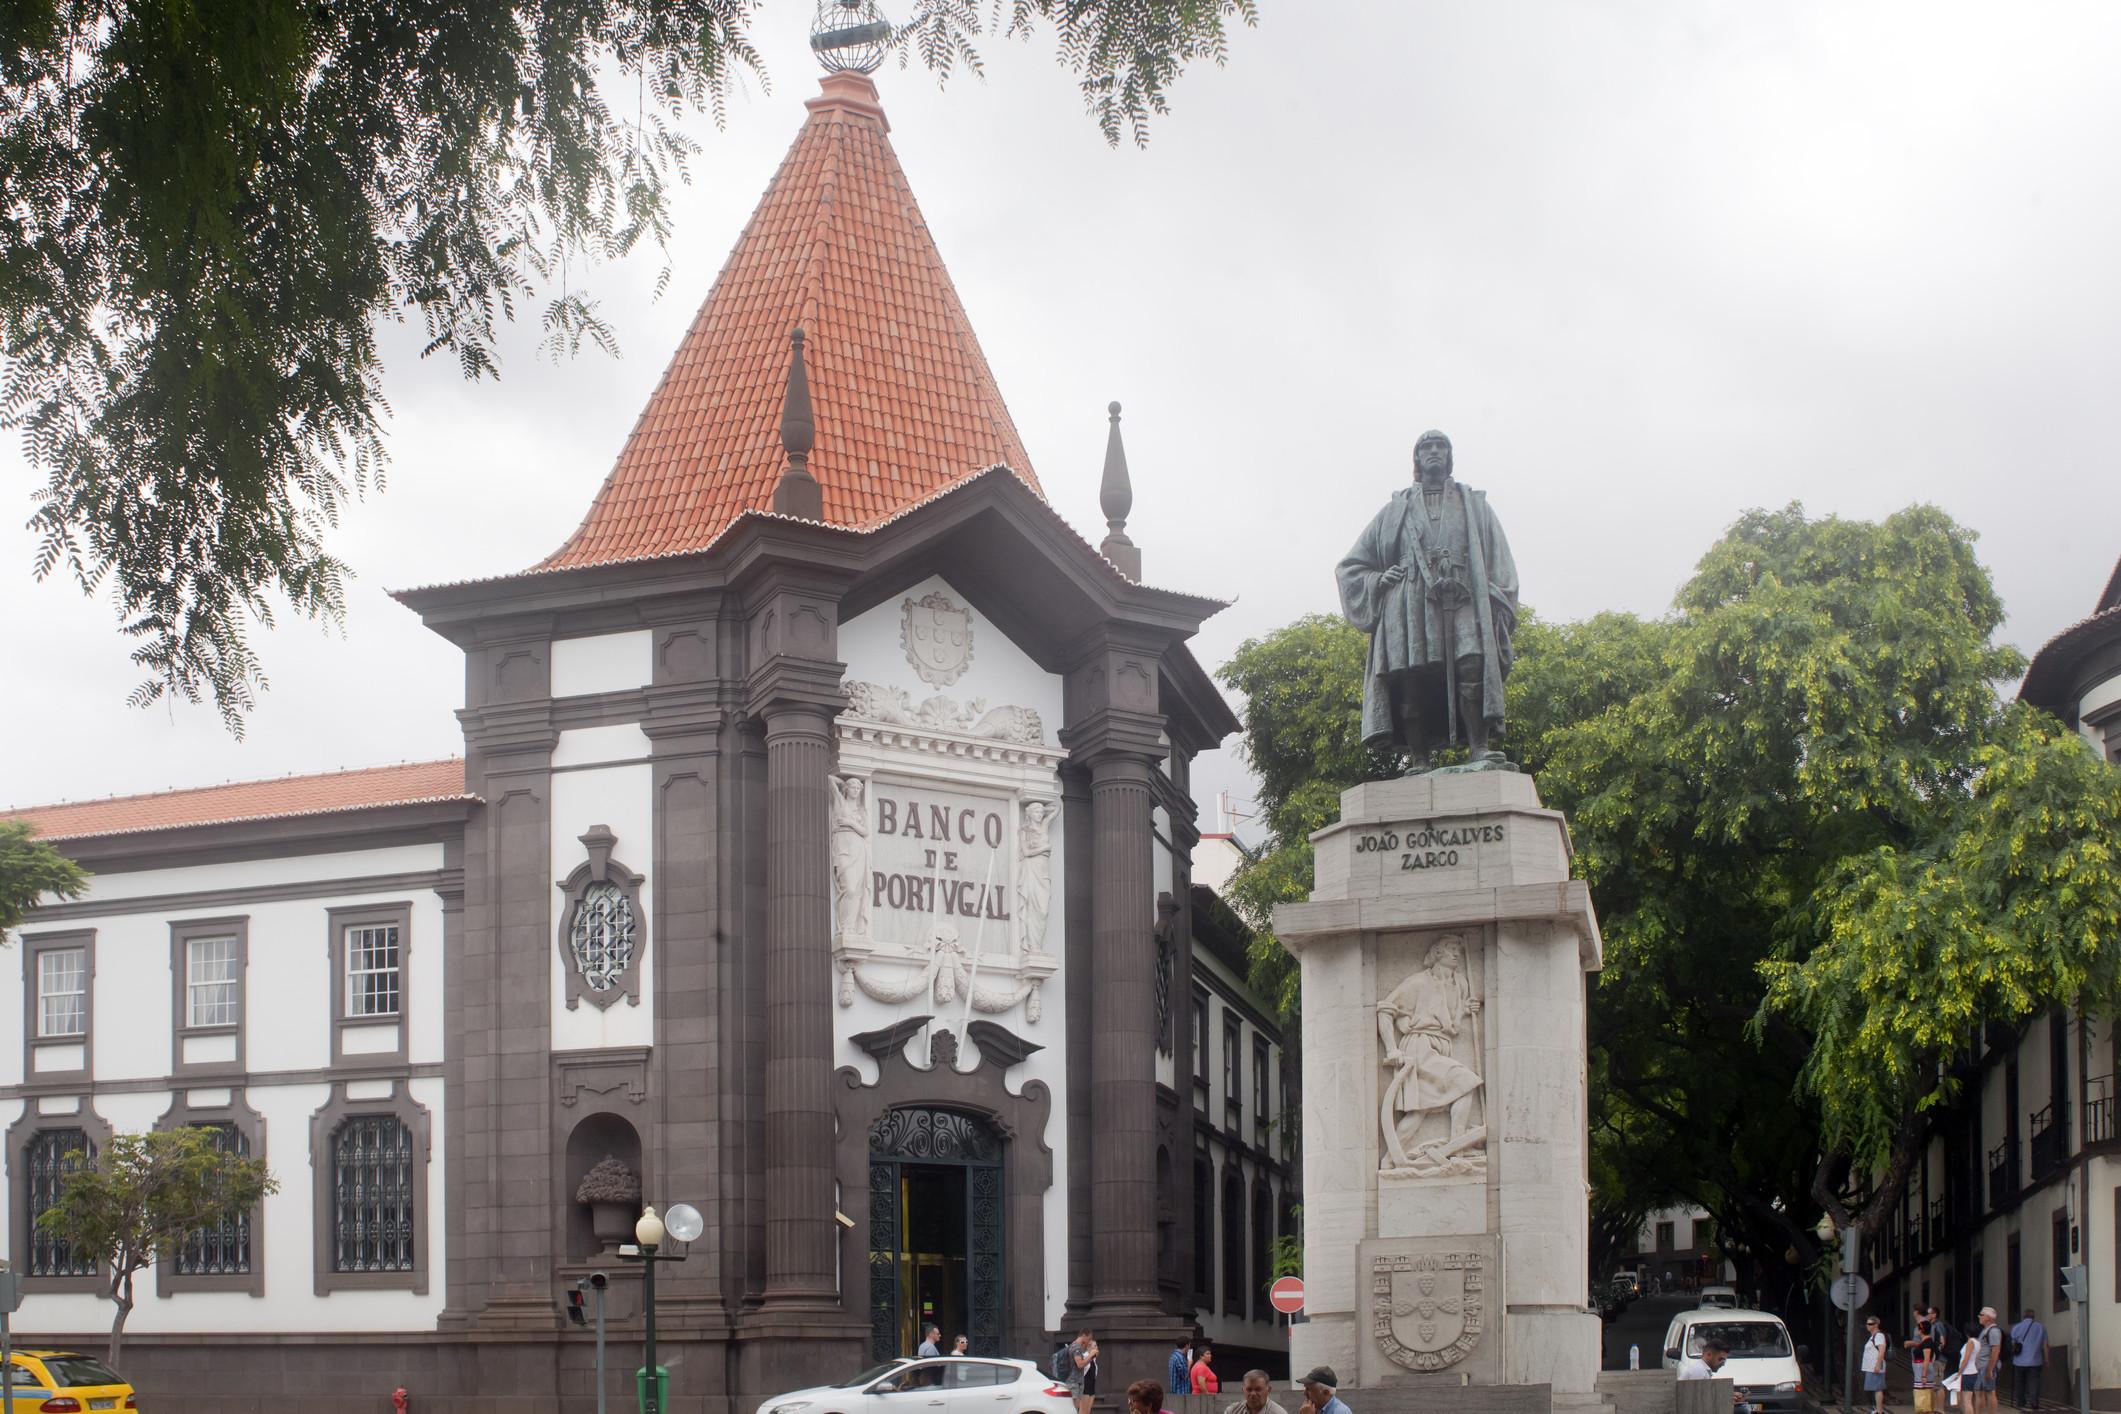 BES: Há 400 processos em Tribunal contra o Banco de Portugal